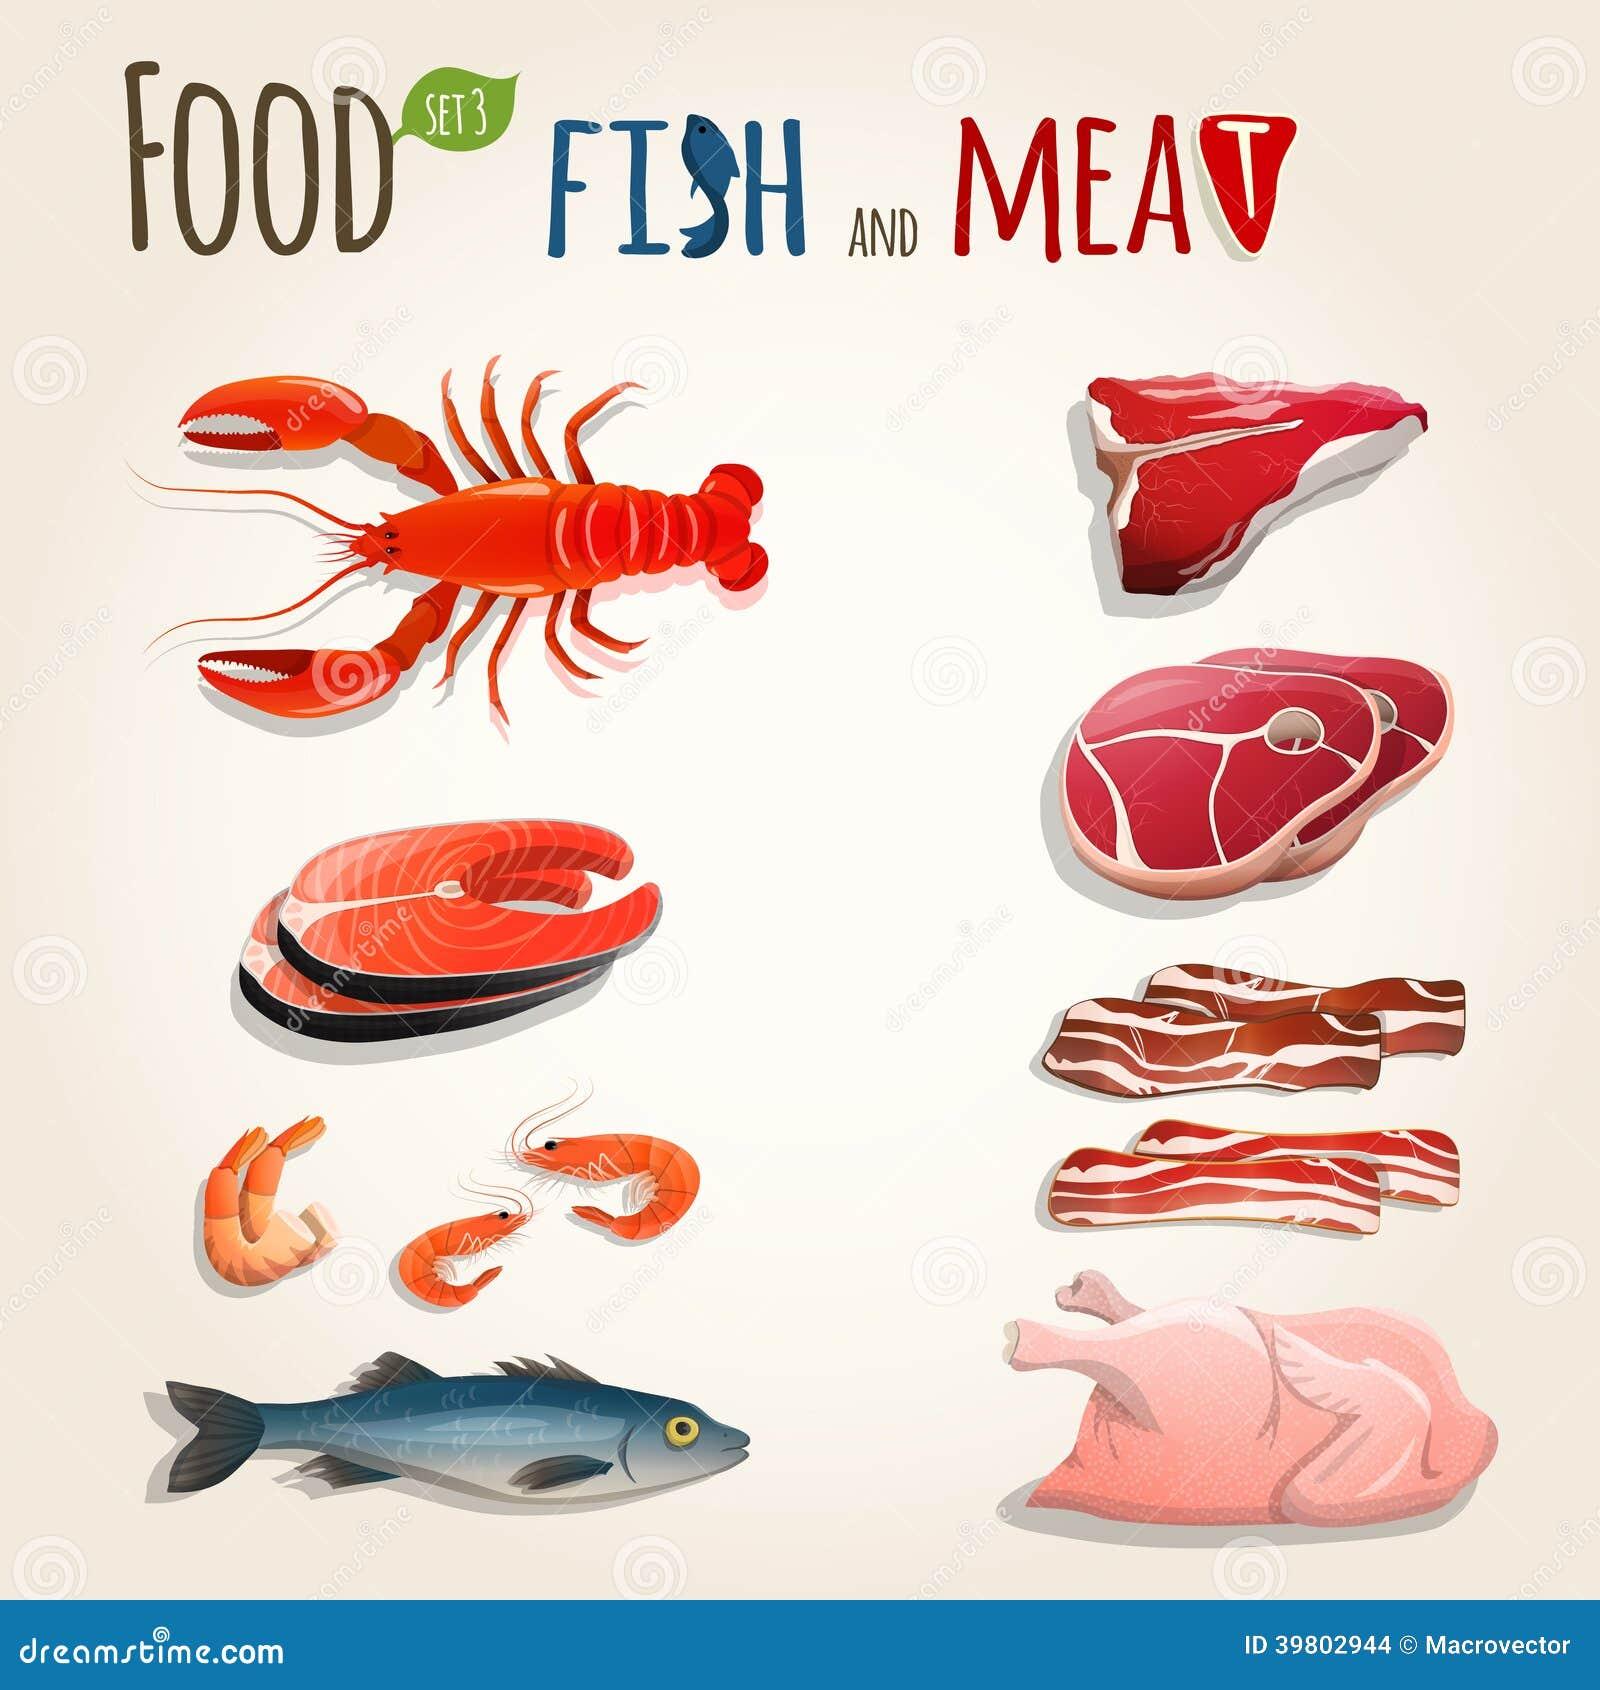 картинки для расспечатки мяса и рыбы вытекают предназначения термобелья